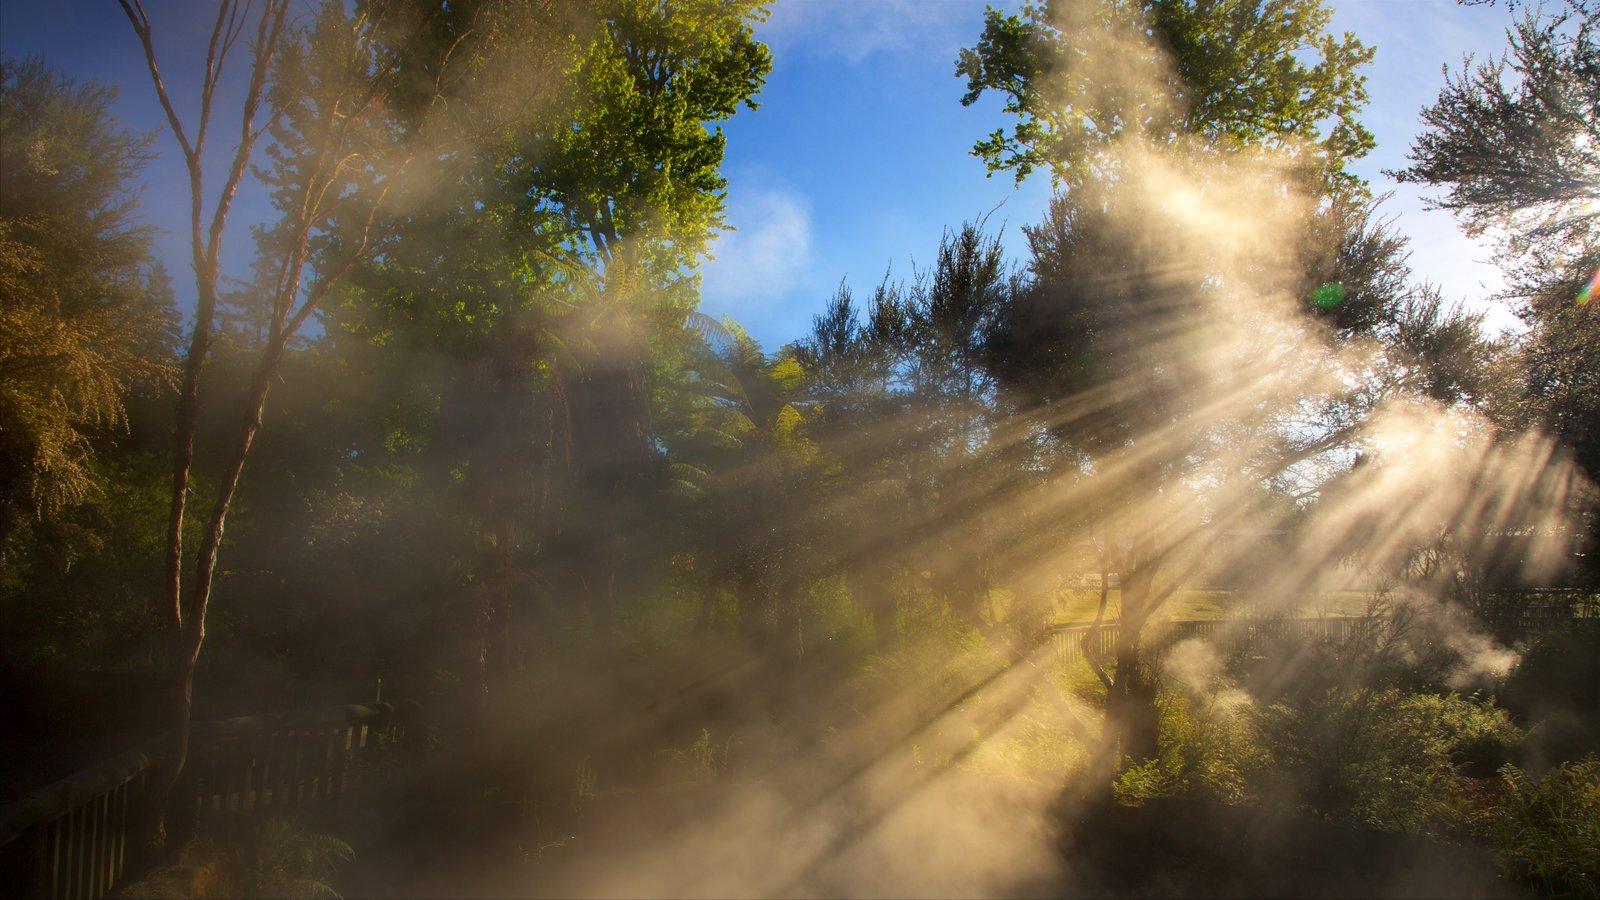 Kuirau Park caracterizando uma fonte termal, um parque e neblina